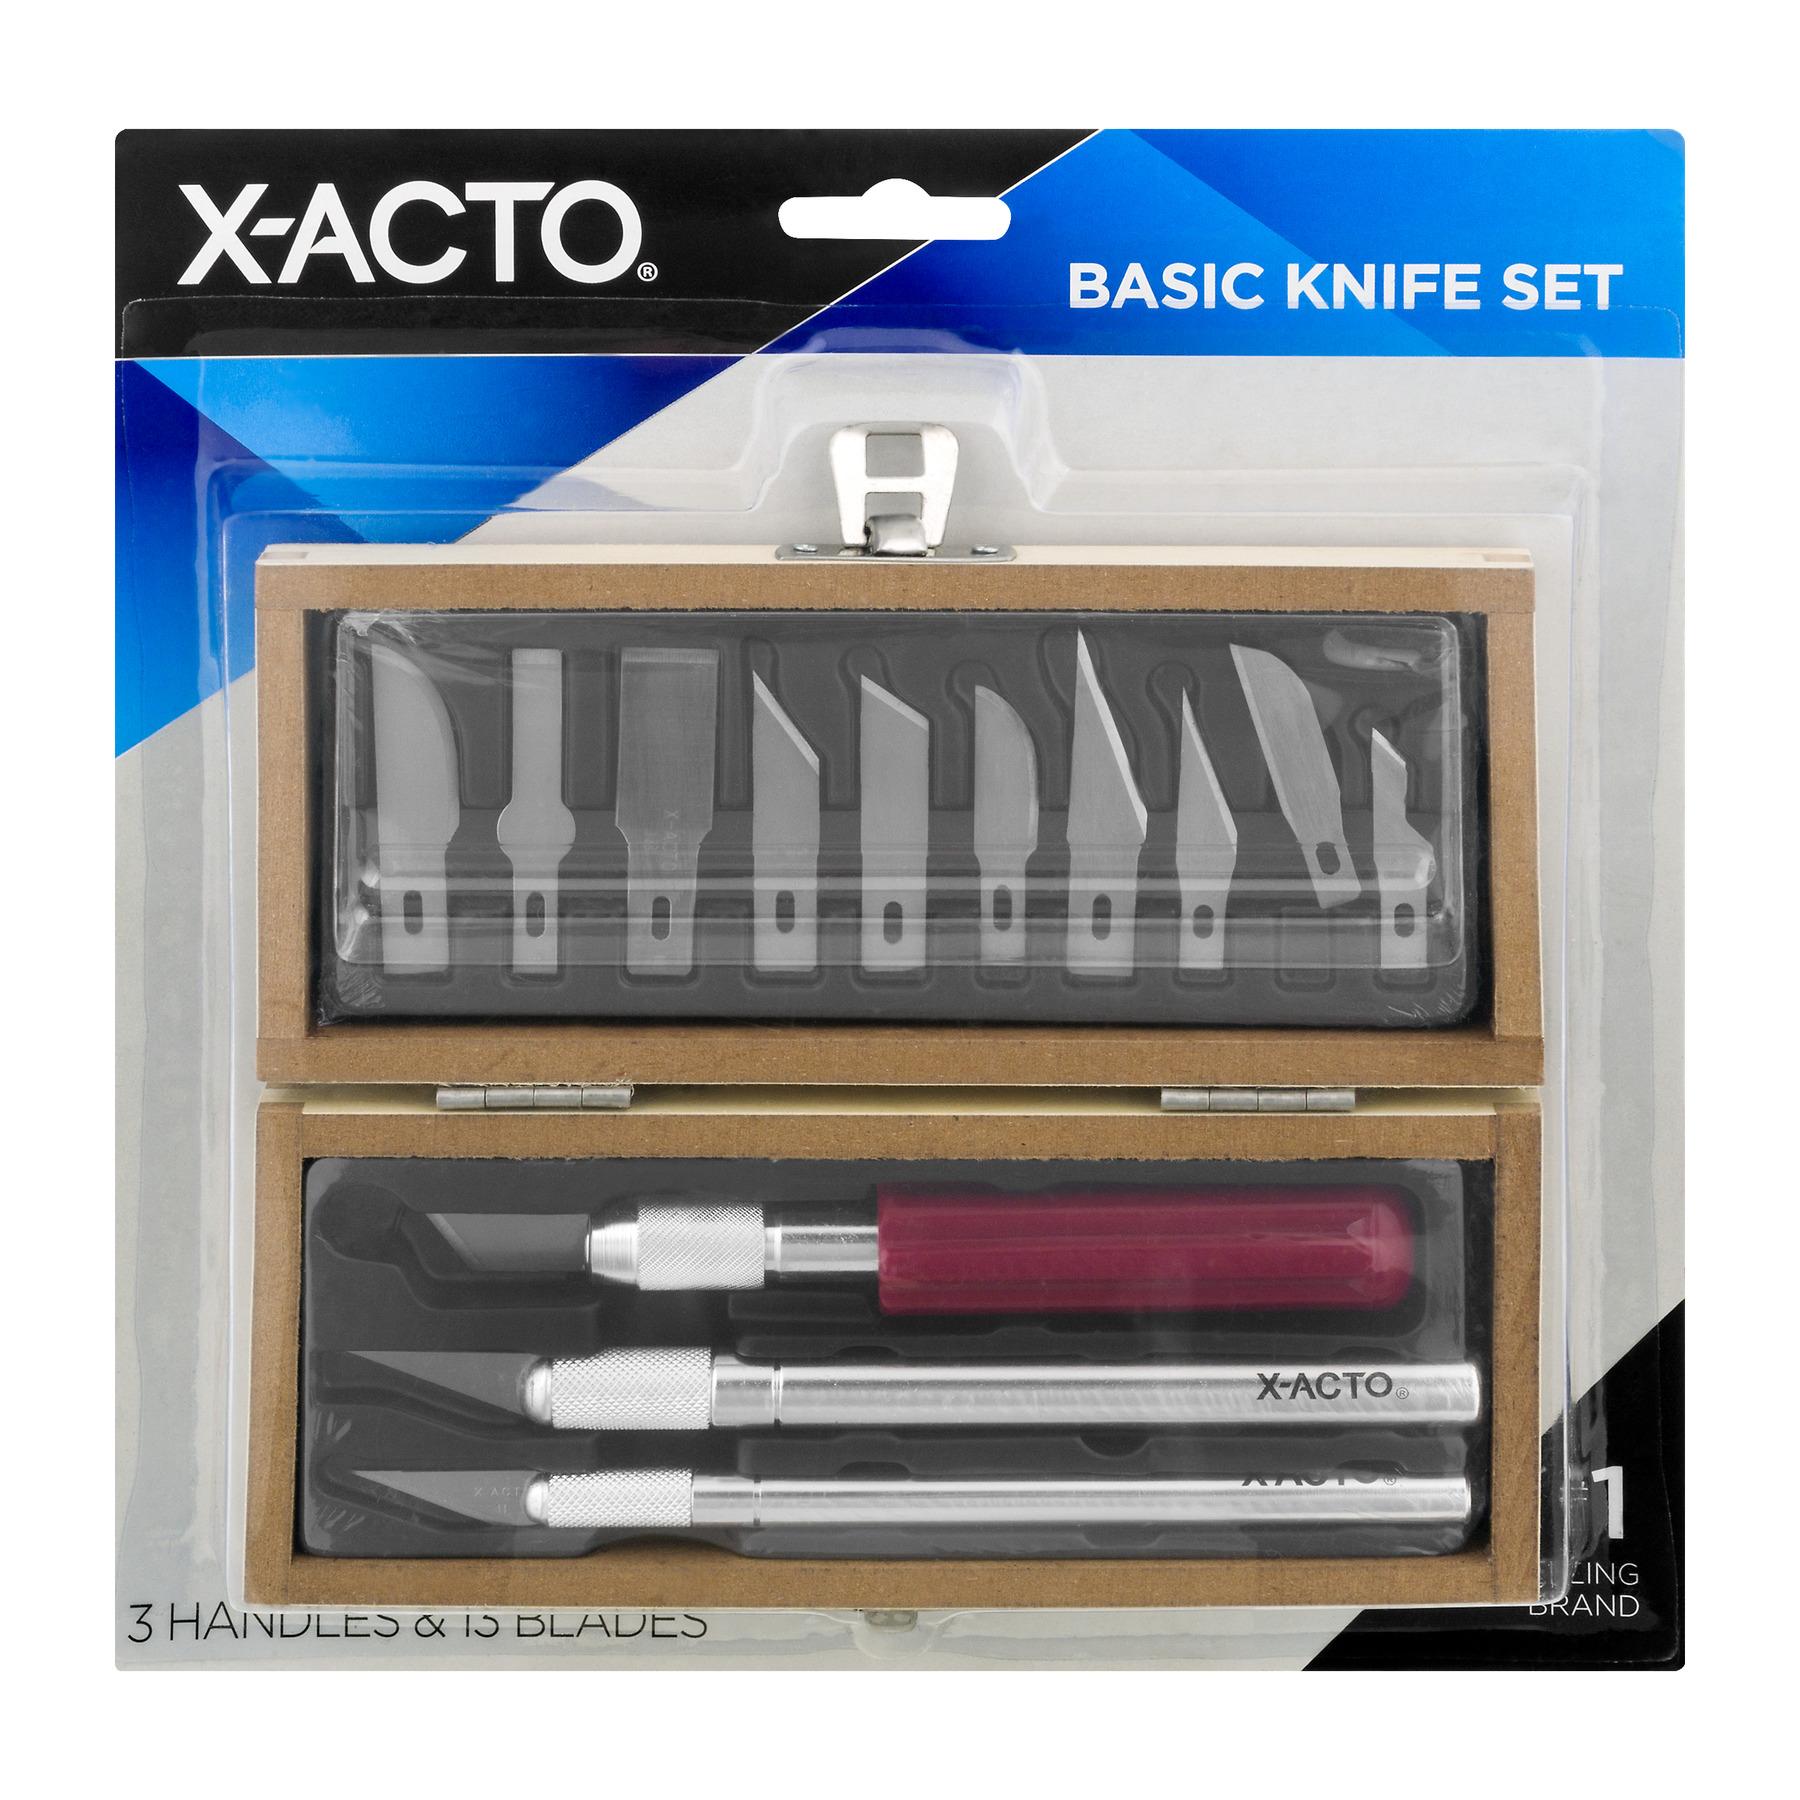 X-Acto Basic Knife Set, 1.0 CT